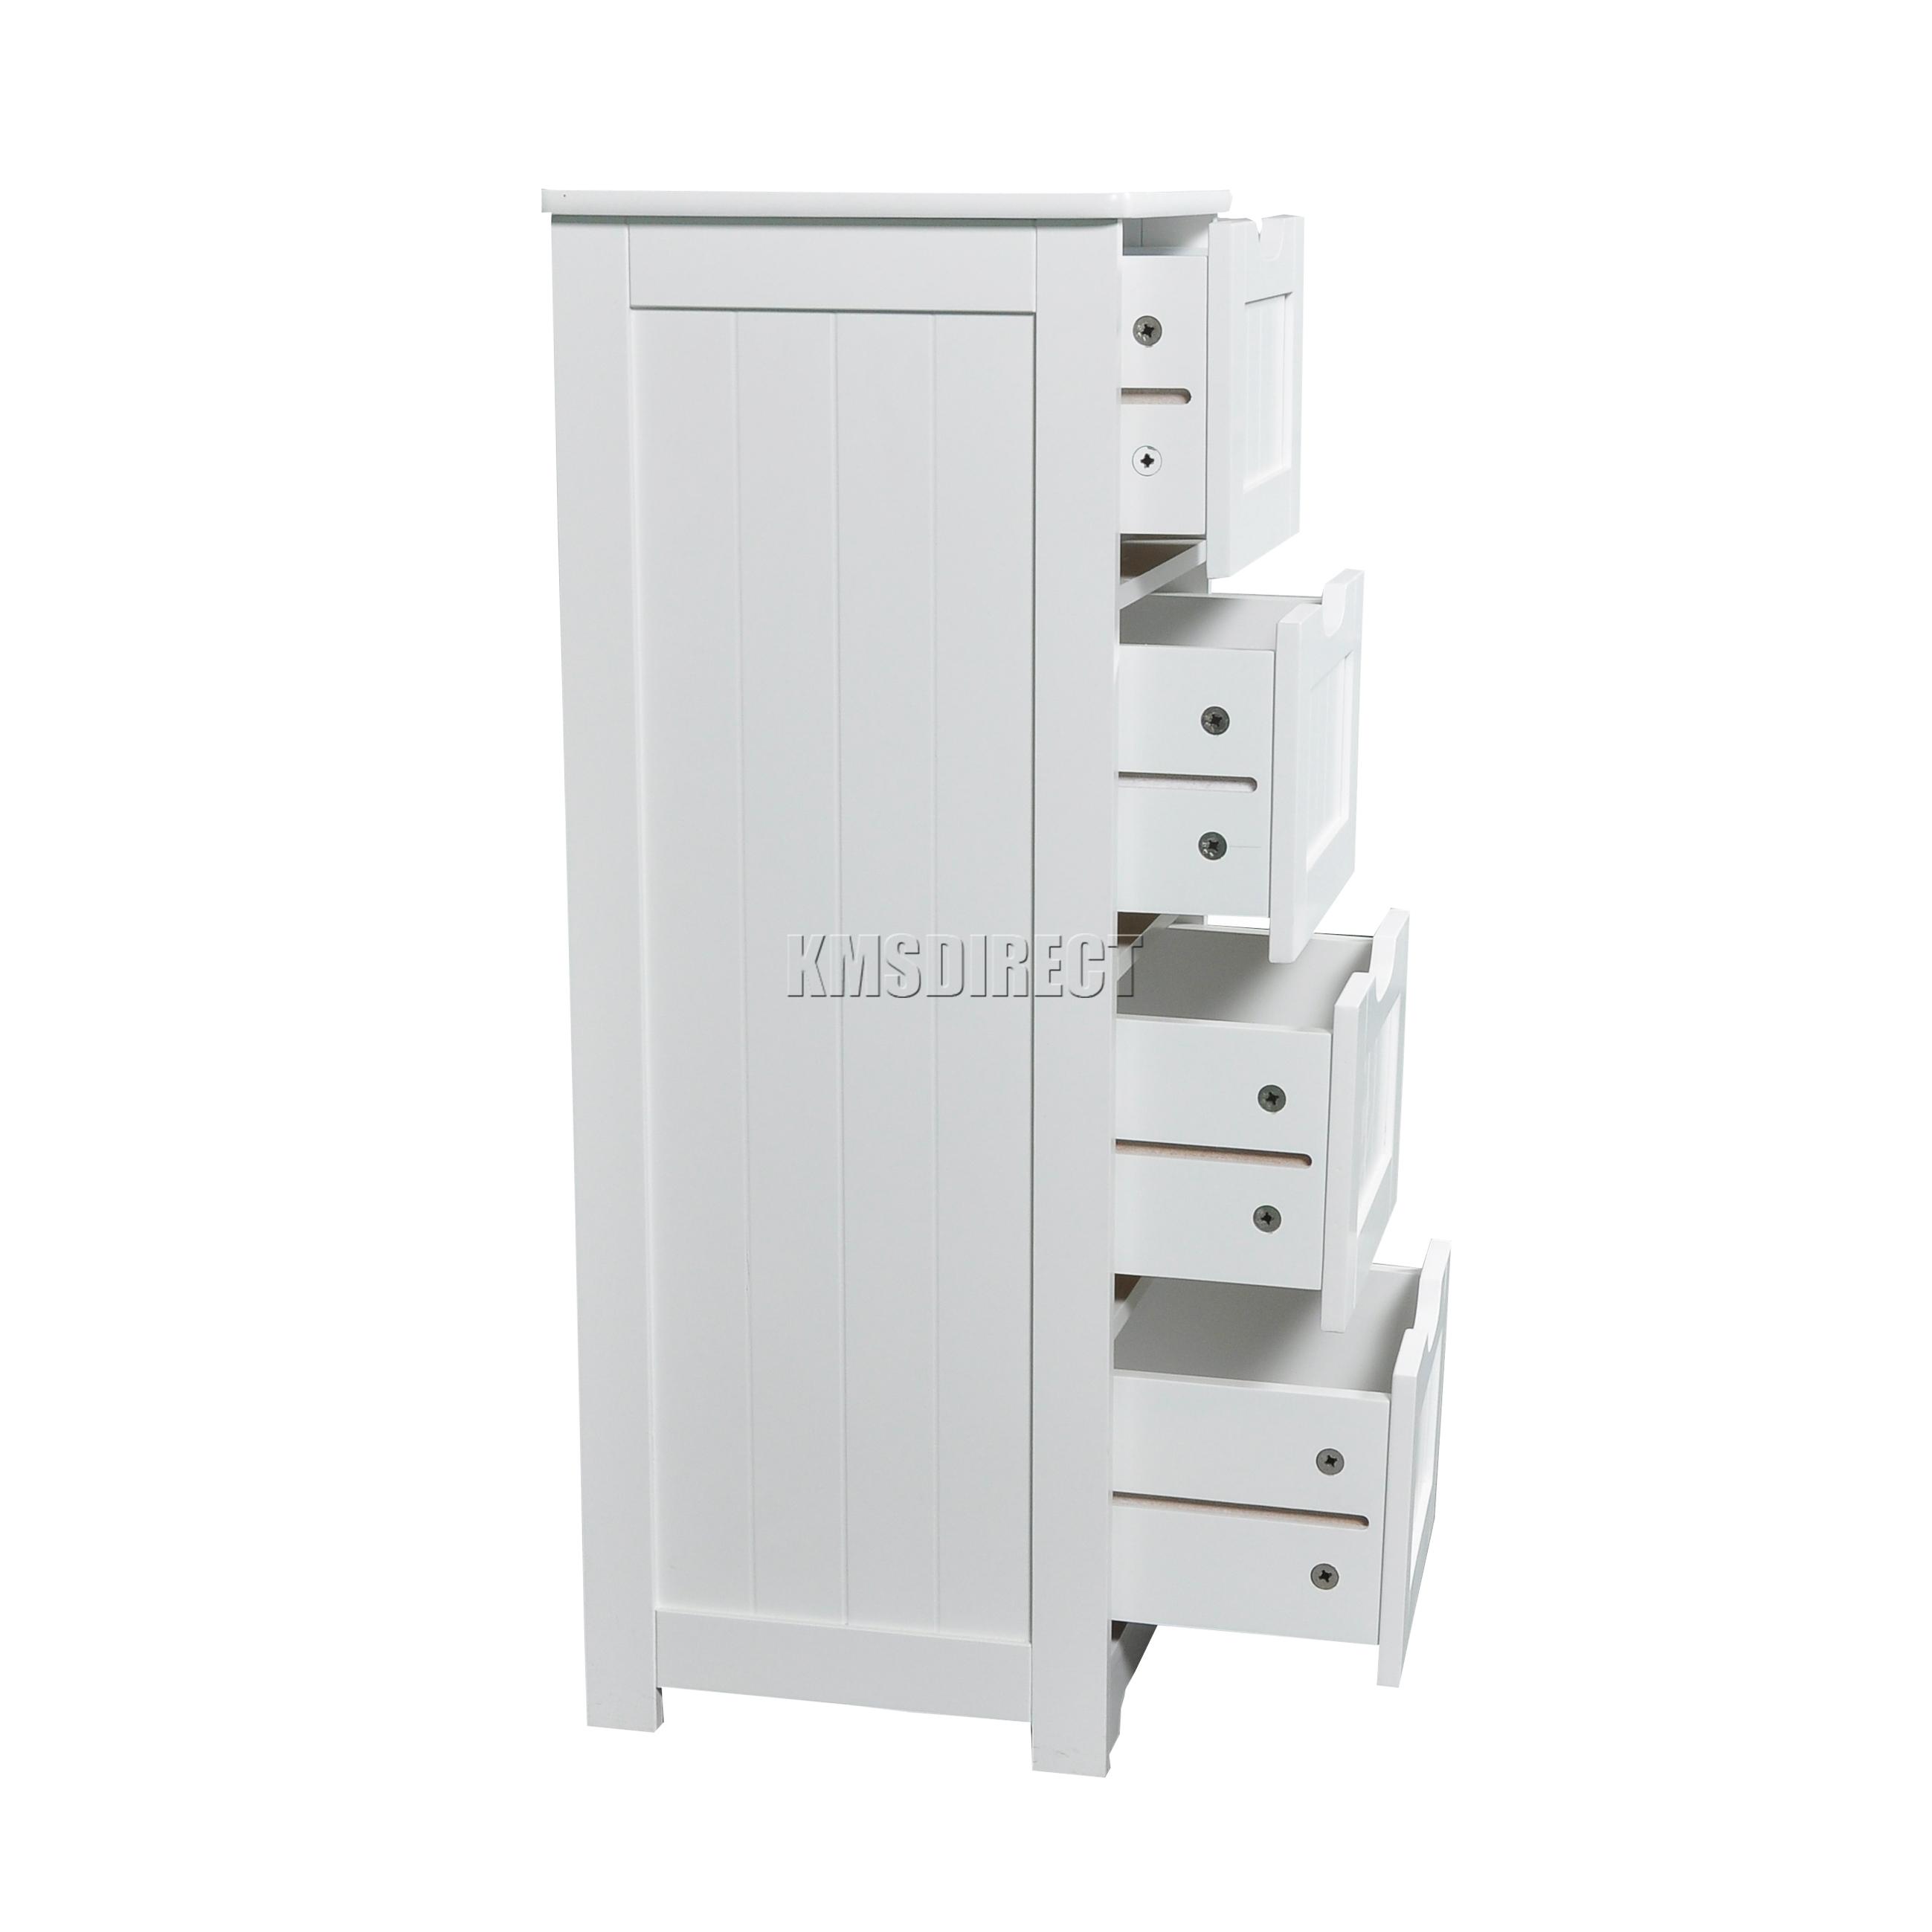 Wooden Bathroom Organizer: FoxHunter White Wooden 4 Drawer Bathroom Storage Cupboard